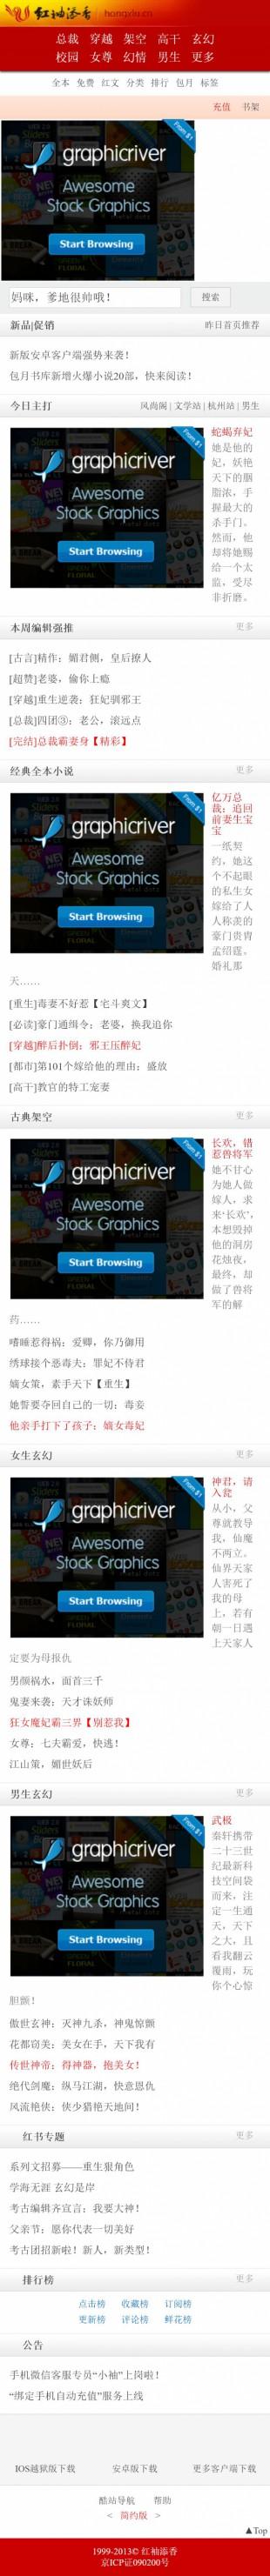 红袖添香_炫彩版中文小说首页网站制作模板手机图片